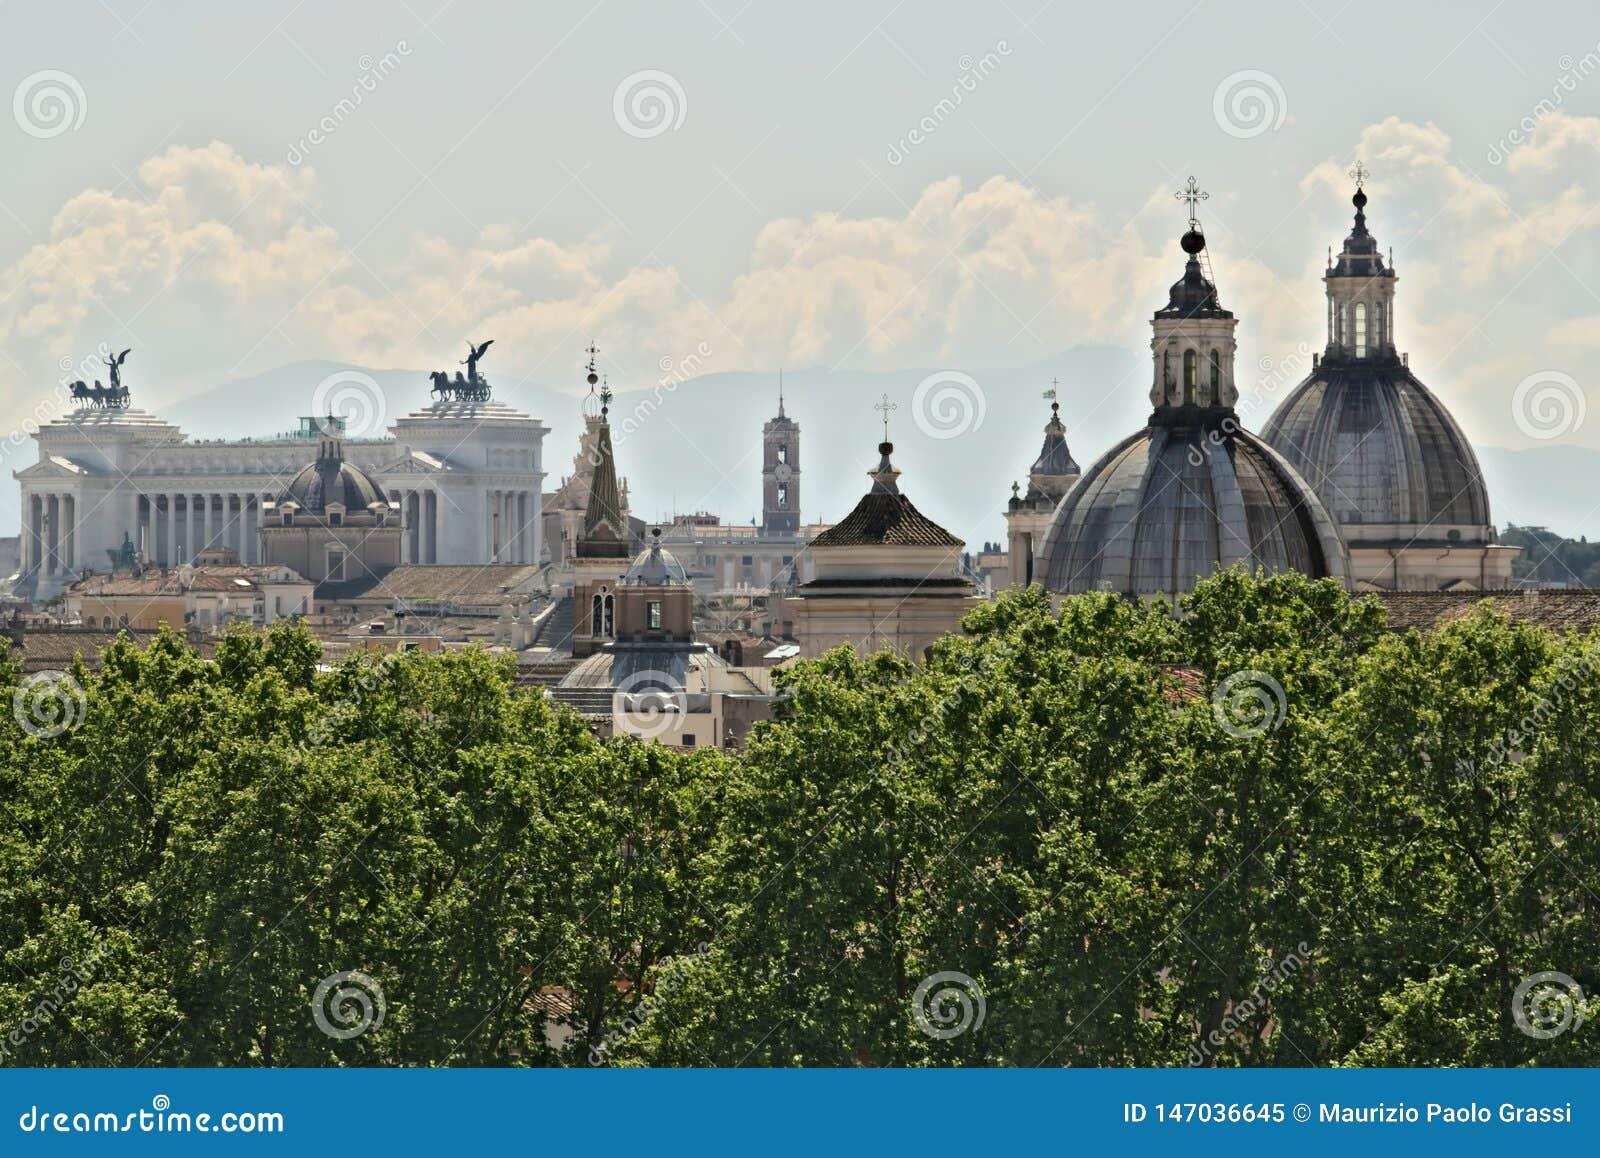 Panorama de Roma con el altar de la patria